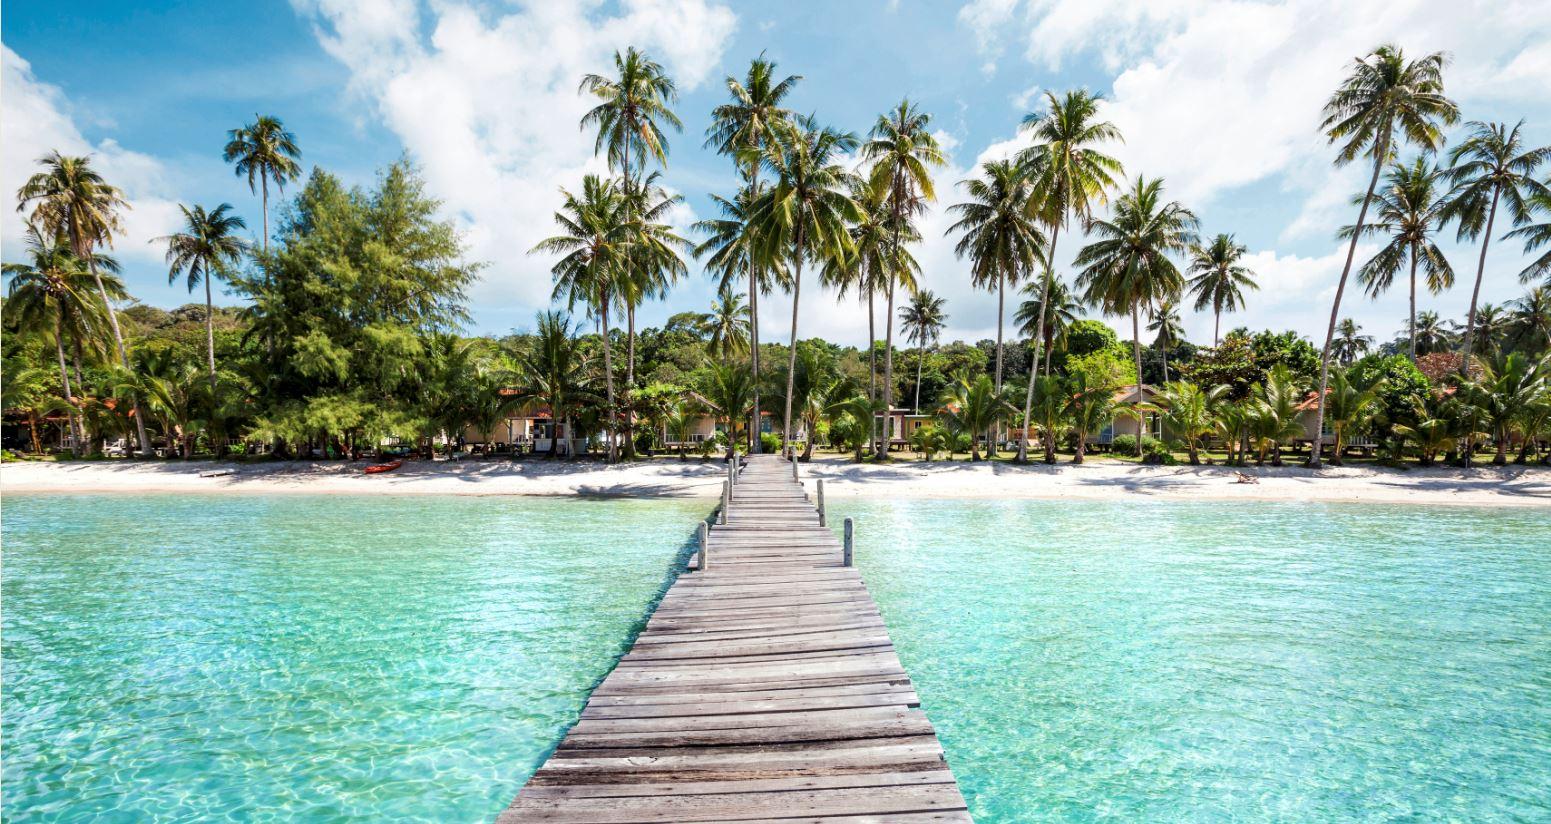 Thailand Ferien und Reisen - Hotels in Bangkok oder am Strand